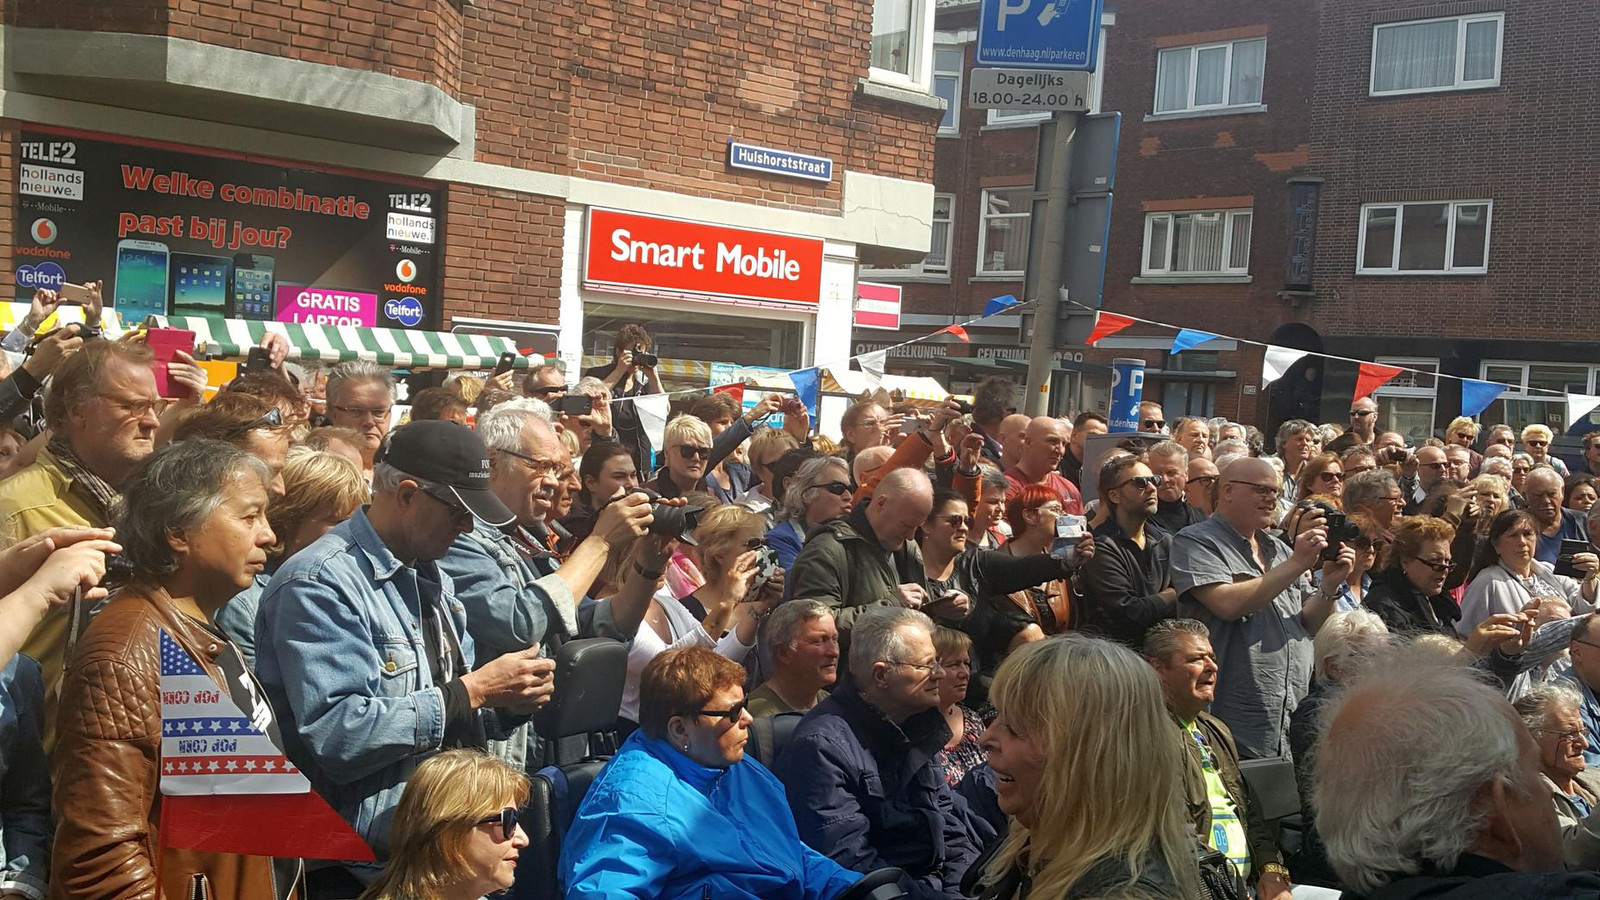 Op de hoek Hulshorststraat-Terletstraat geven Gerrits en Zuiderwijk een mini-concert dat de nodige belangstelling trekt.